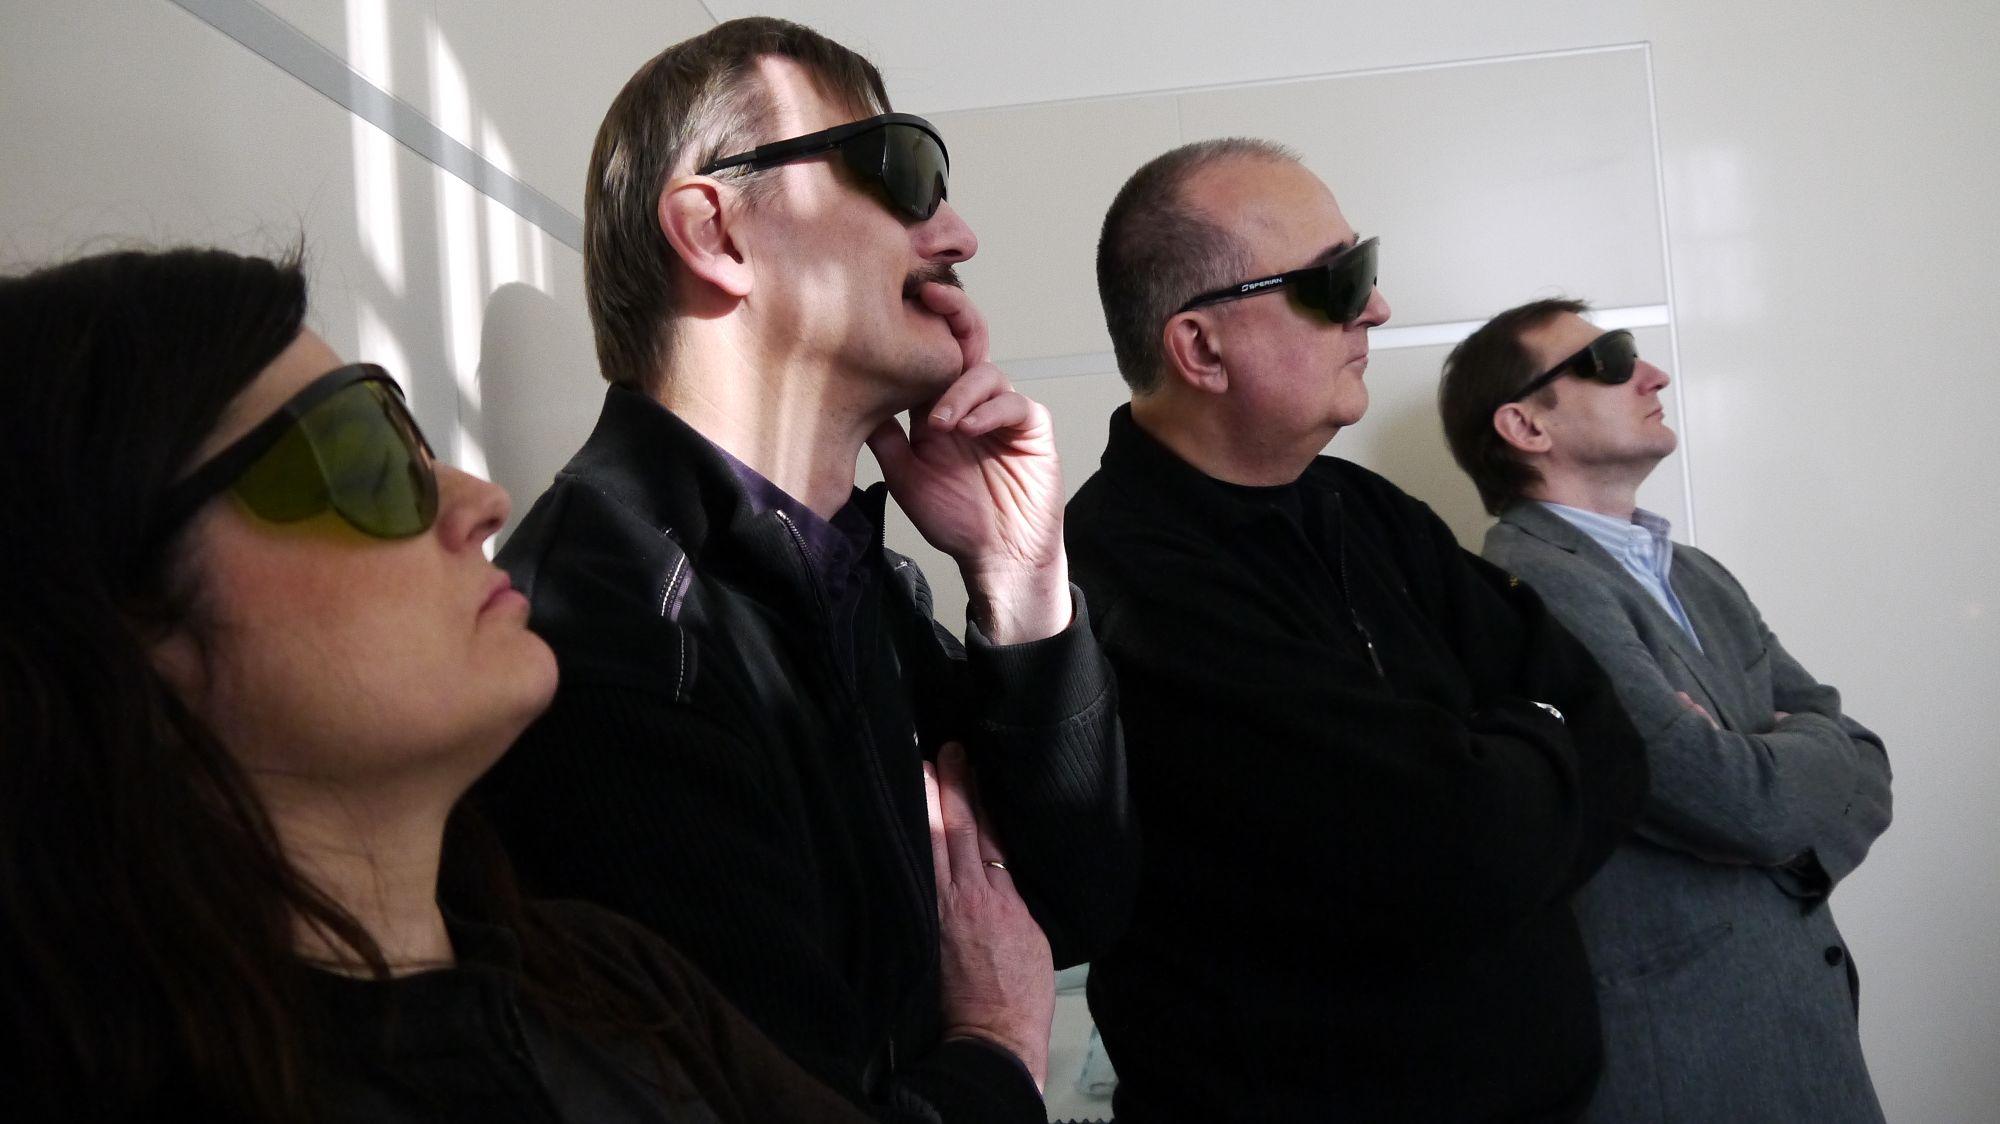 teilnehmer-studieren-aufmerksam-laserbrille